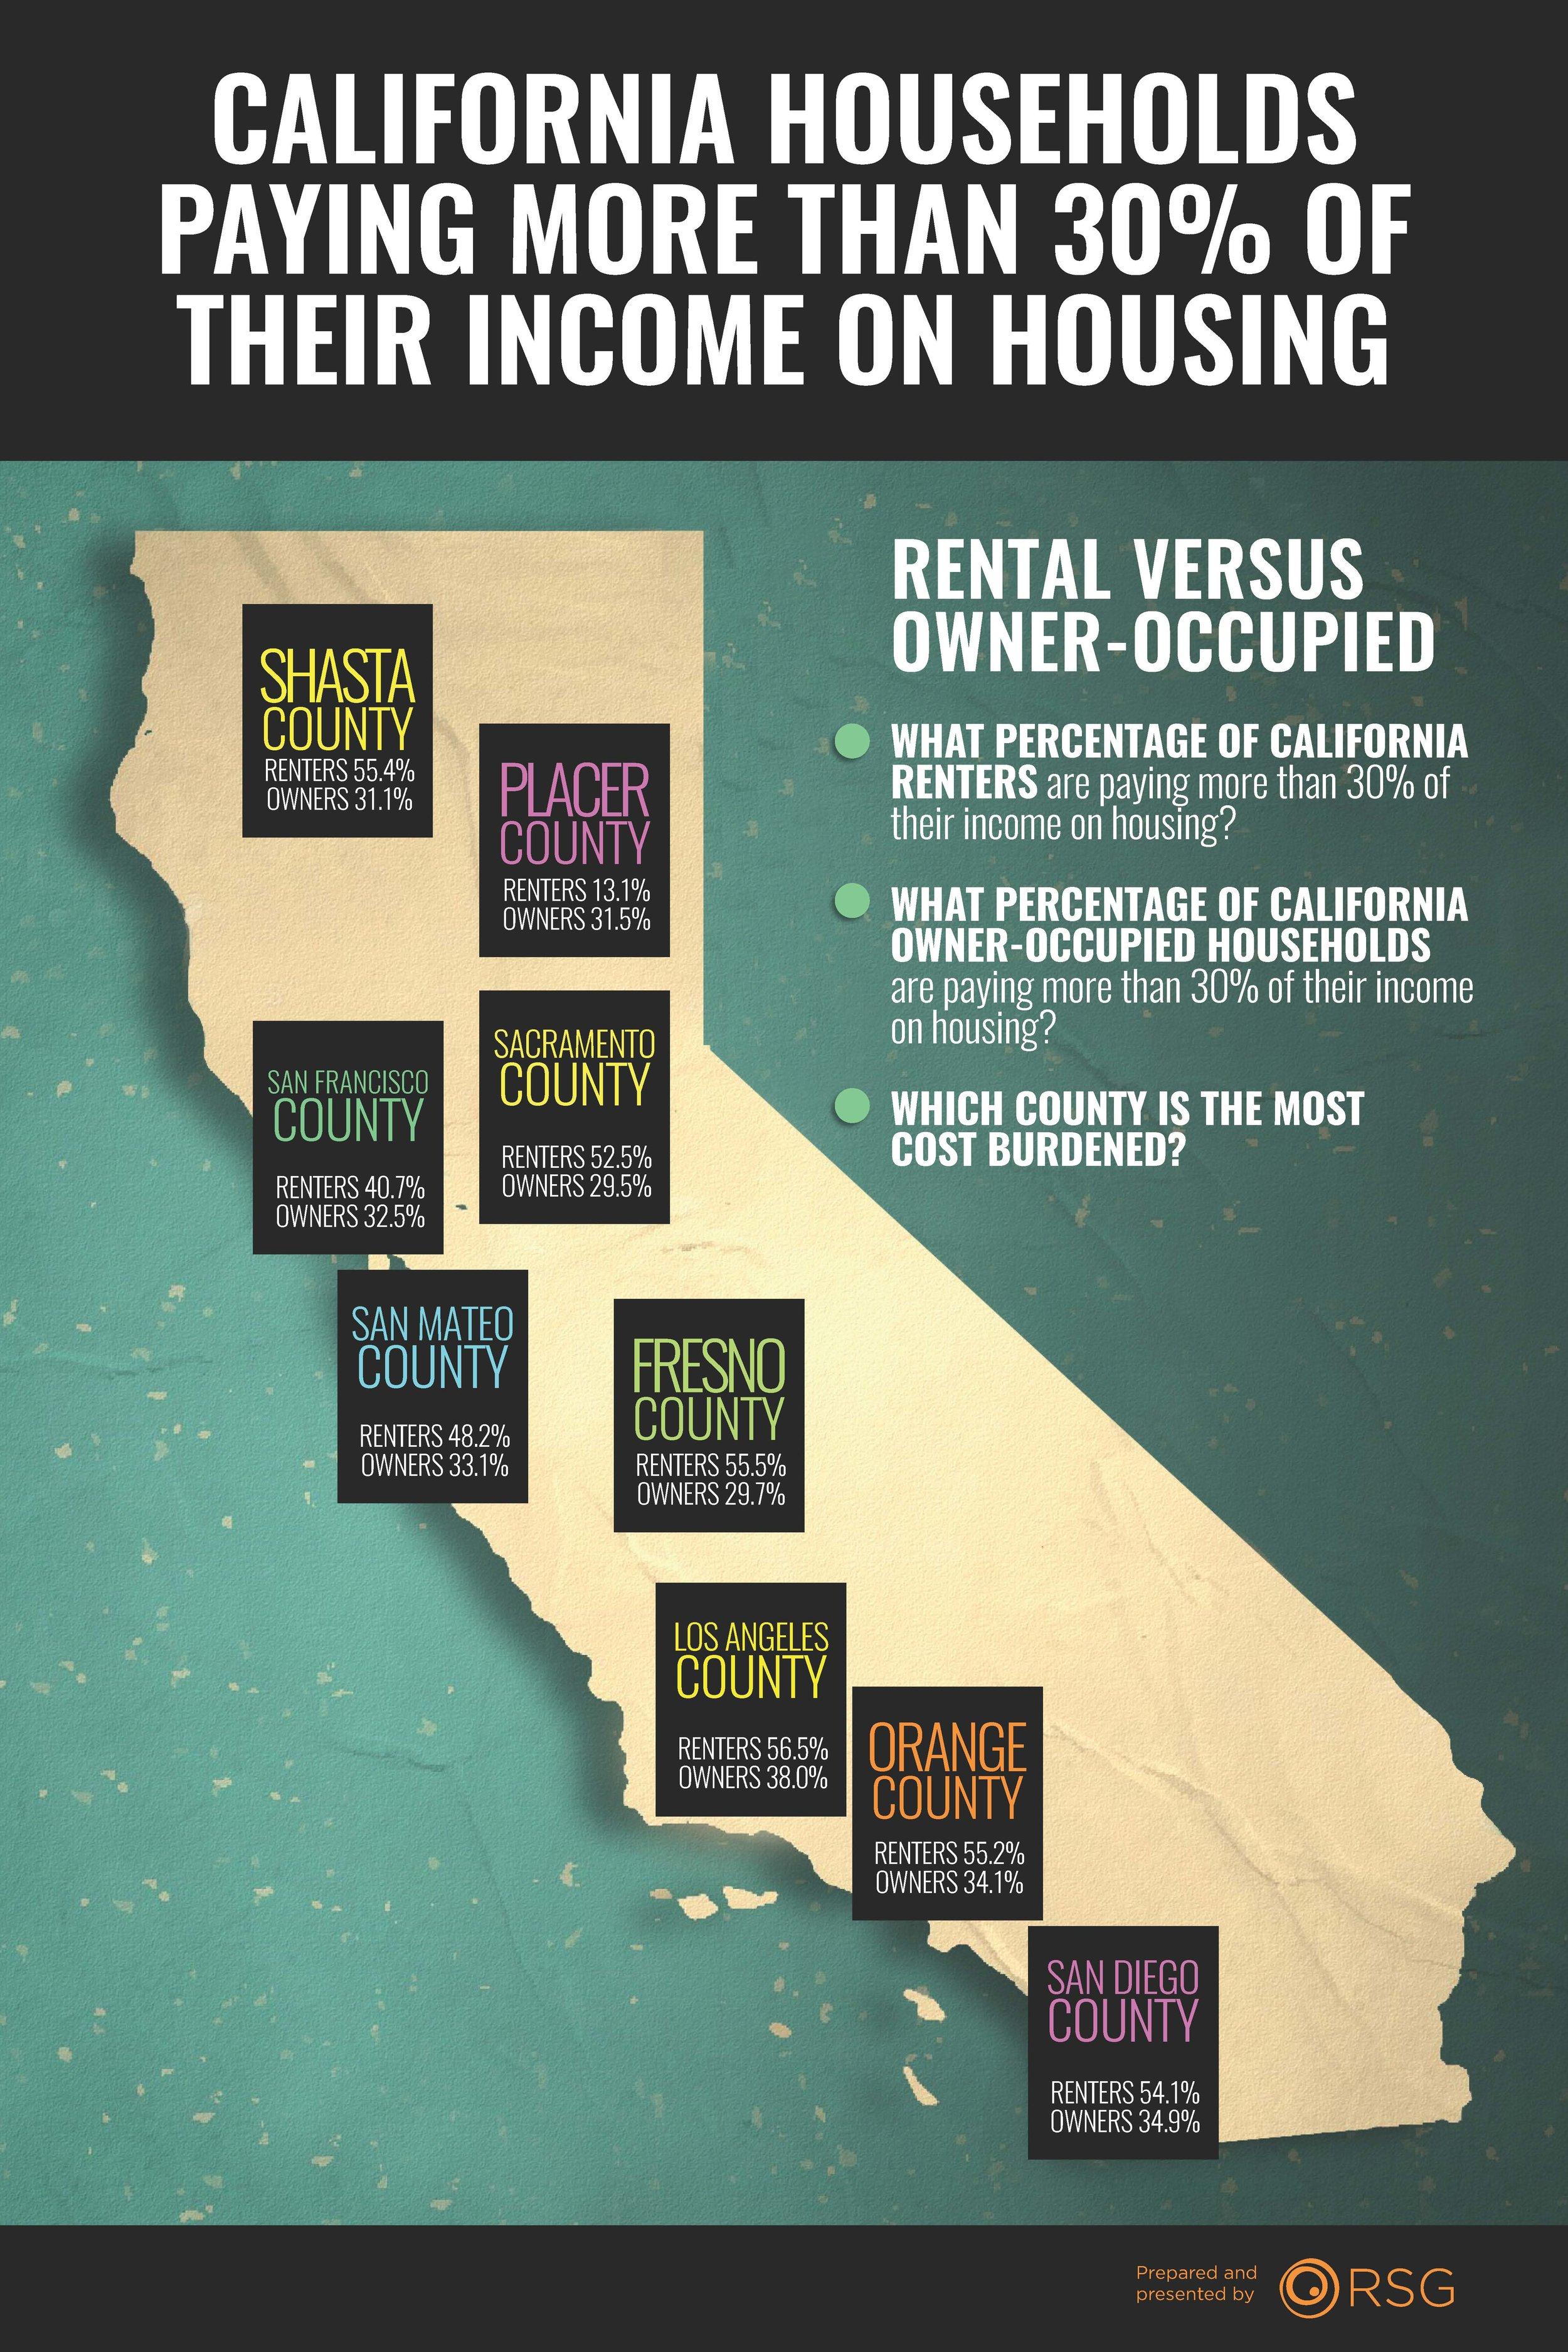 Housing california infographic.jpg